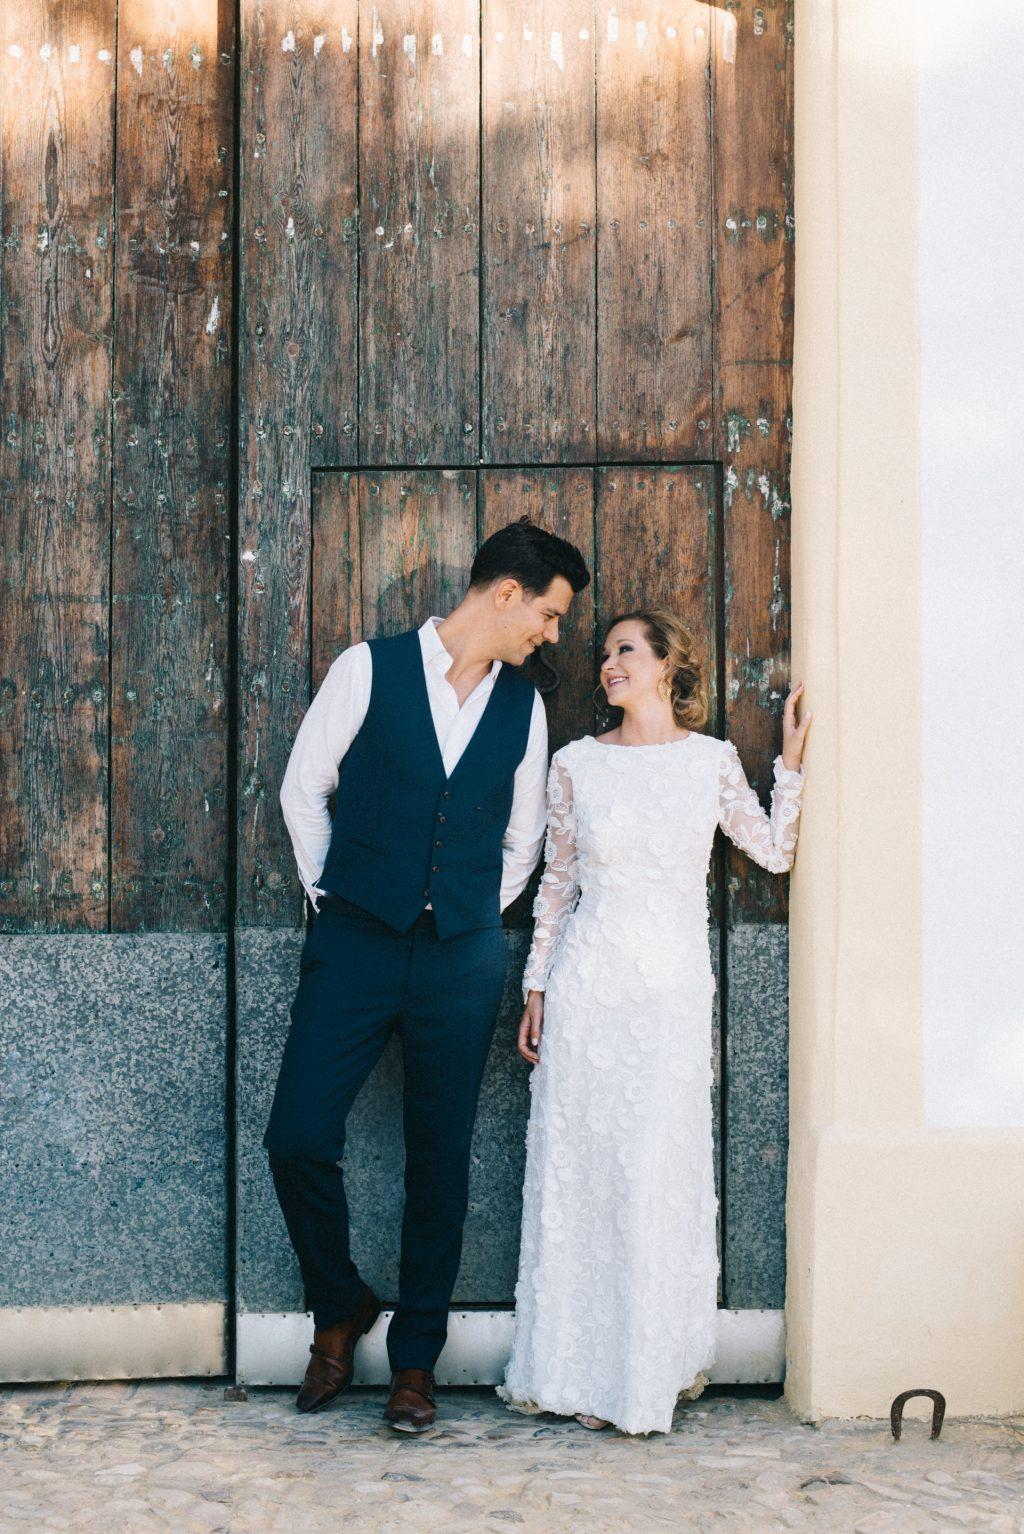 boda civil en hacienda san rafael 13 - La Boda Civil de Géraldine y Jan en Hacienda San Rafael